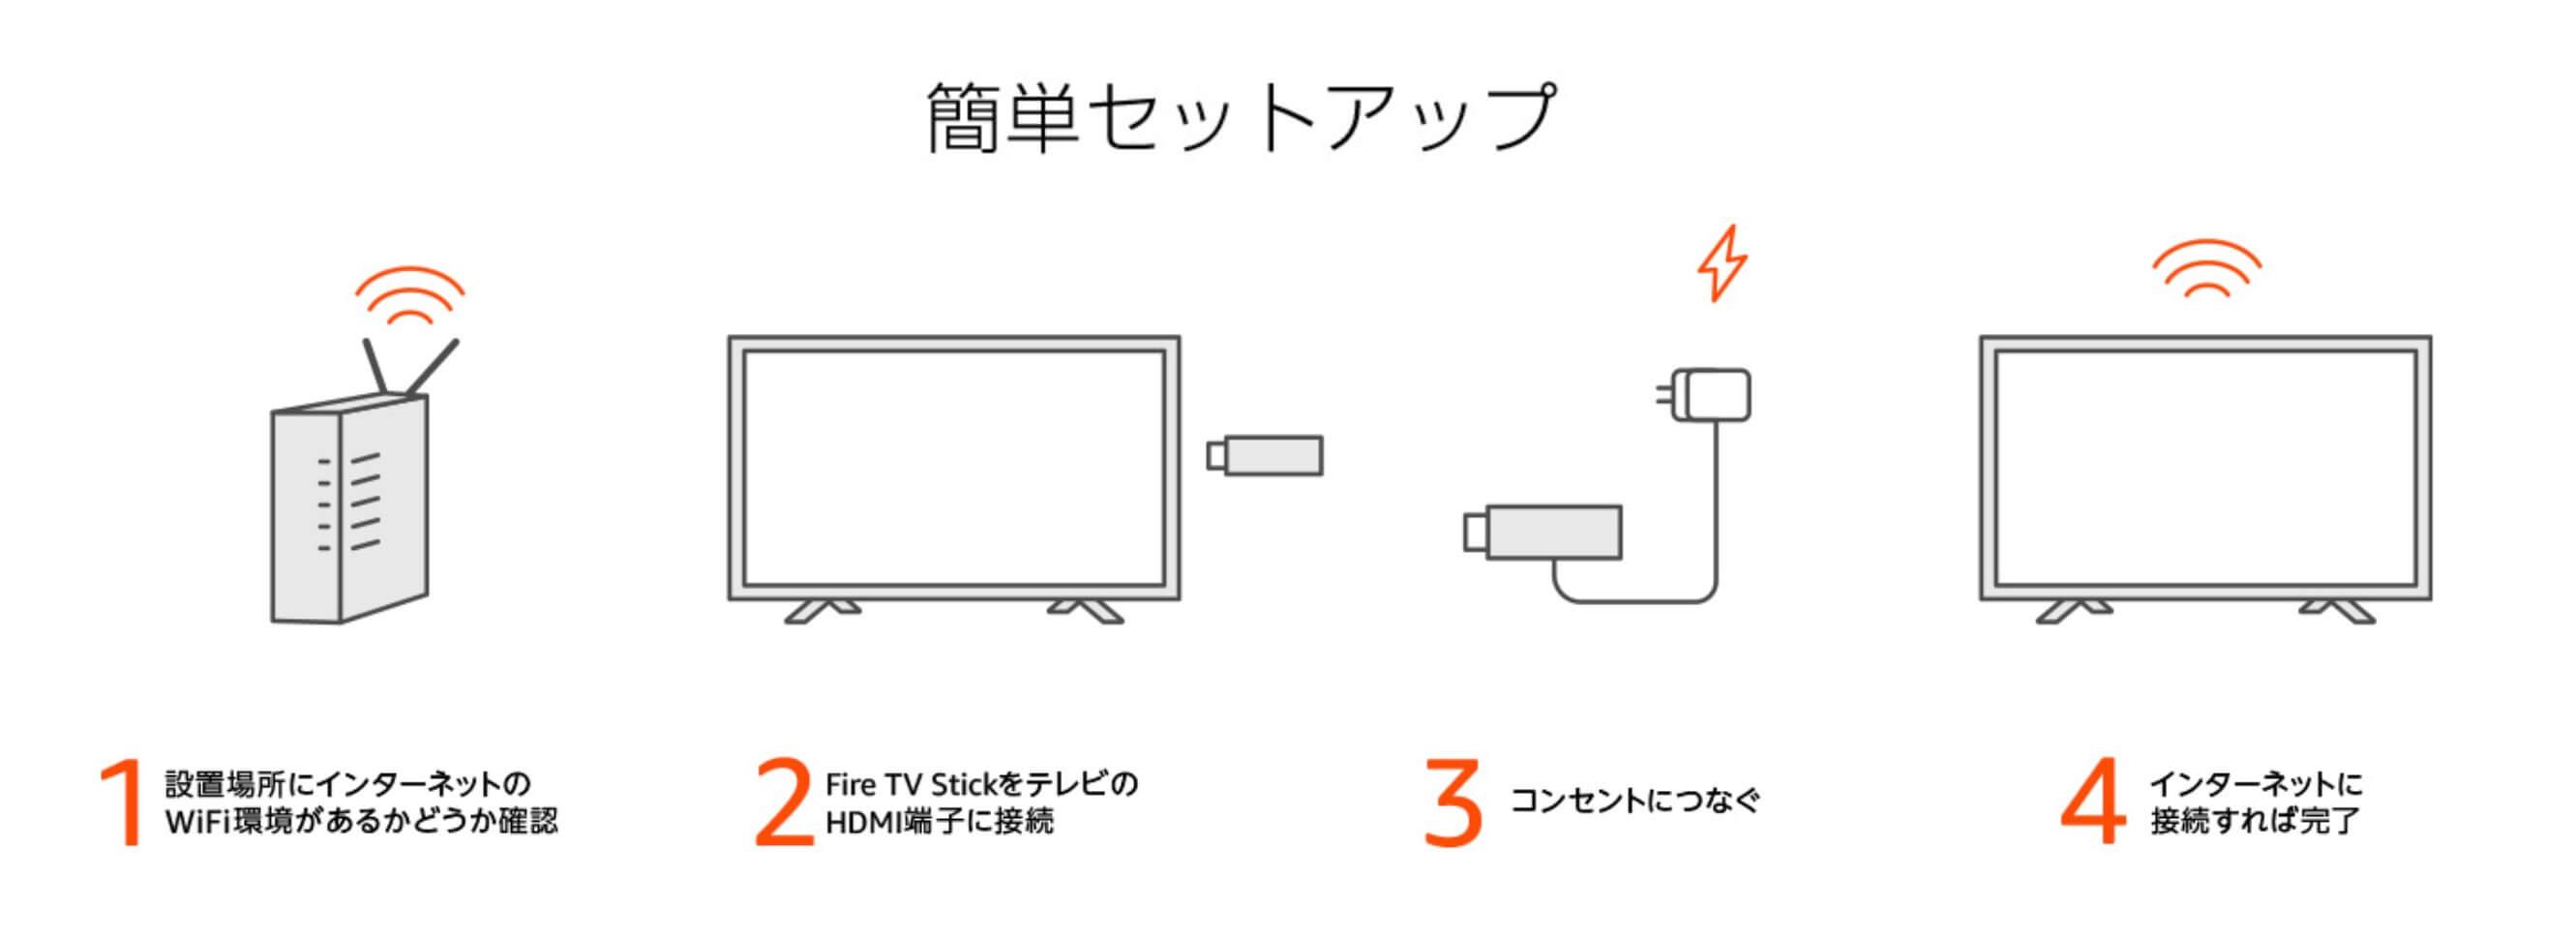 AmazonFireTV セットアップ